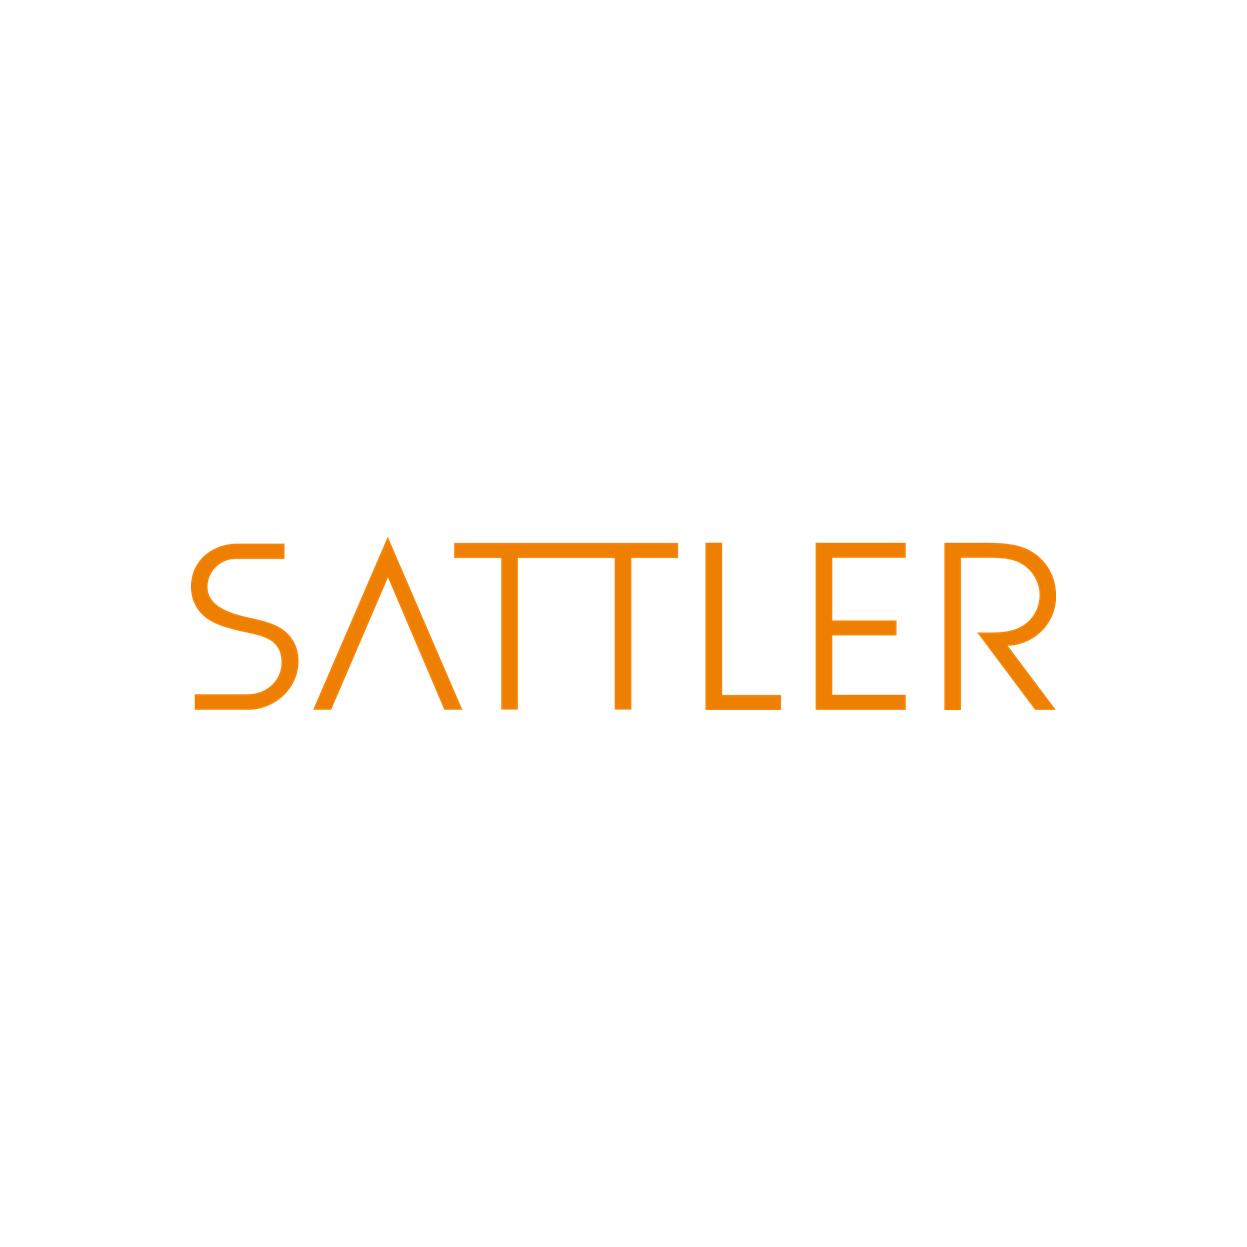 Sattler - Objekte Licht & Raum GmbH in Hamburg